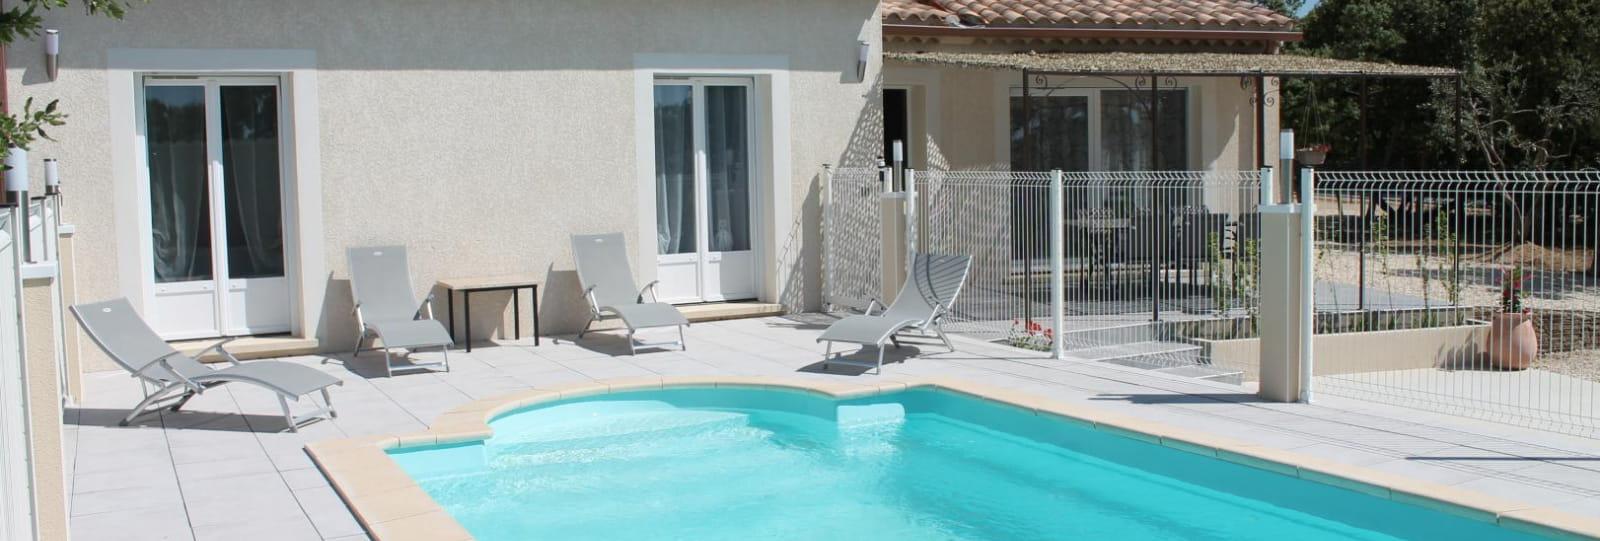 piscine au sel, dimension 7 x 3.60 ; profondeur 1.55 ; sécurisée; porte-fenêtre fermée avec clé